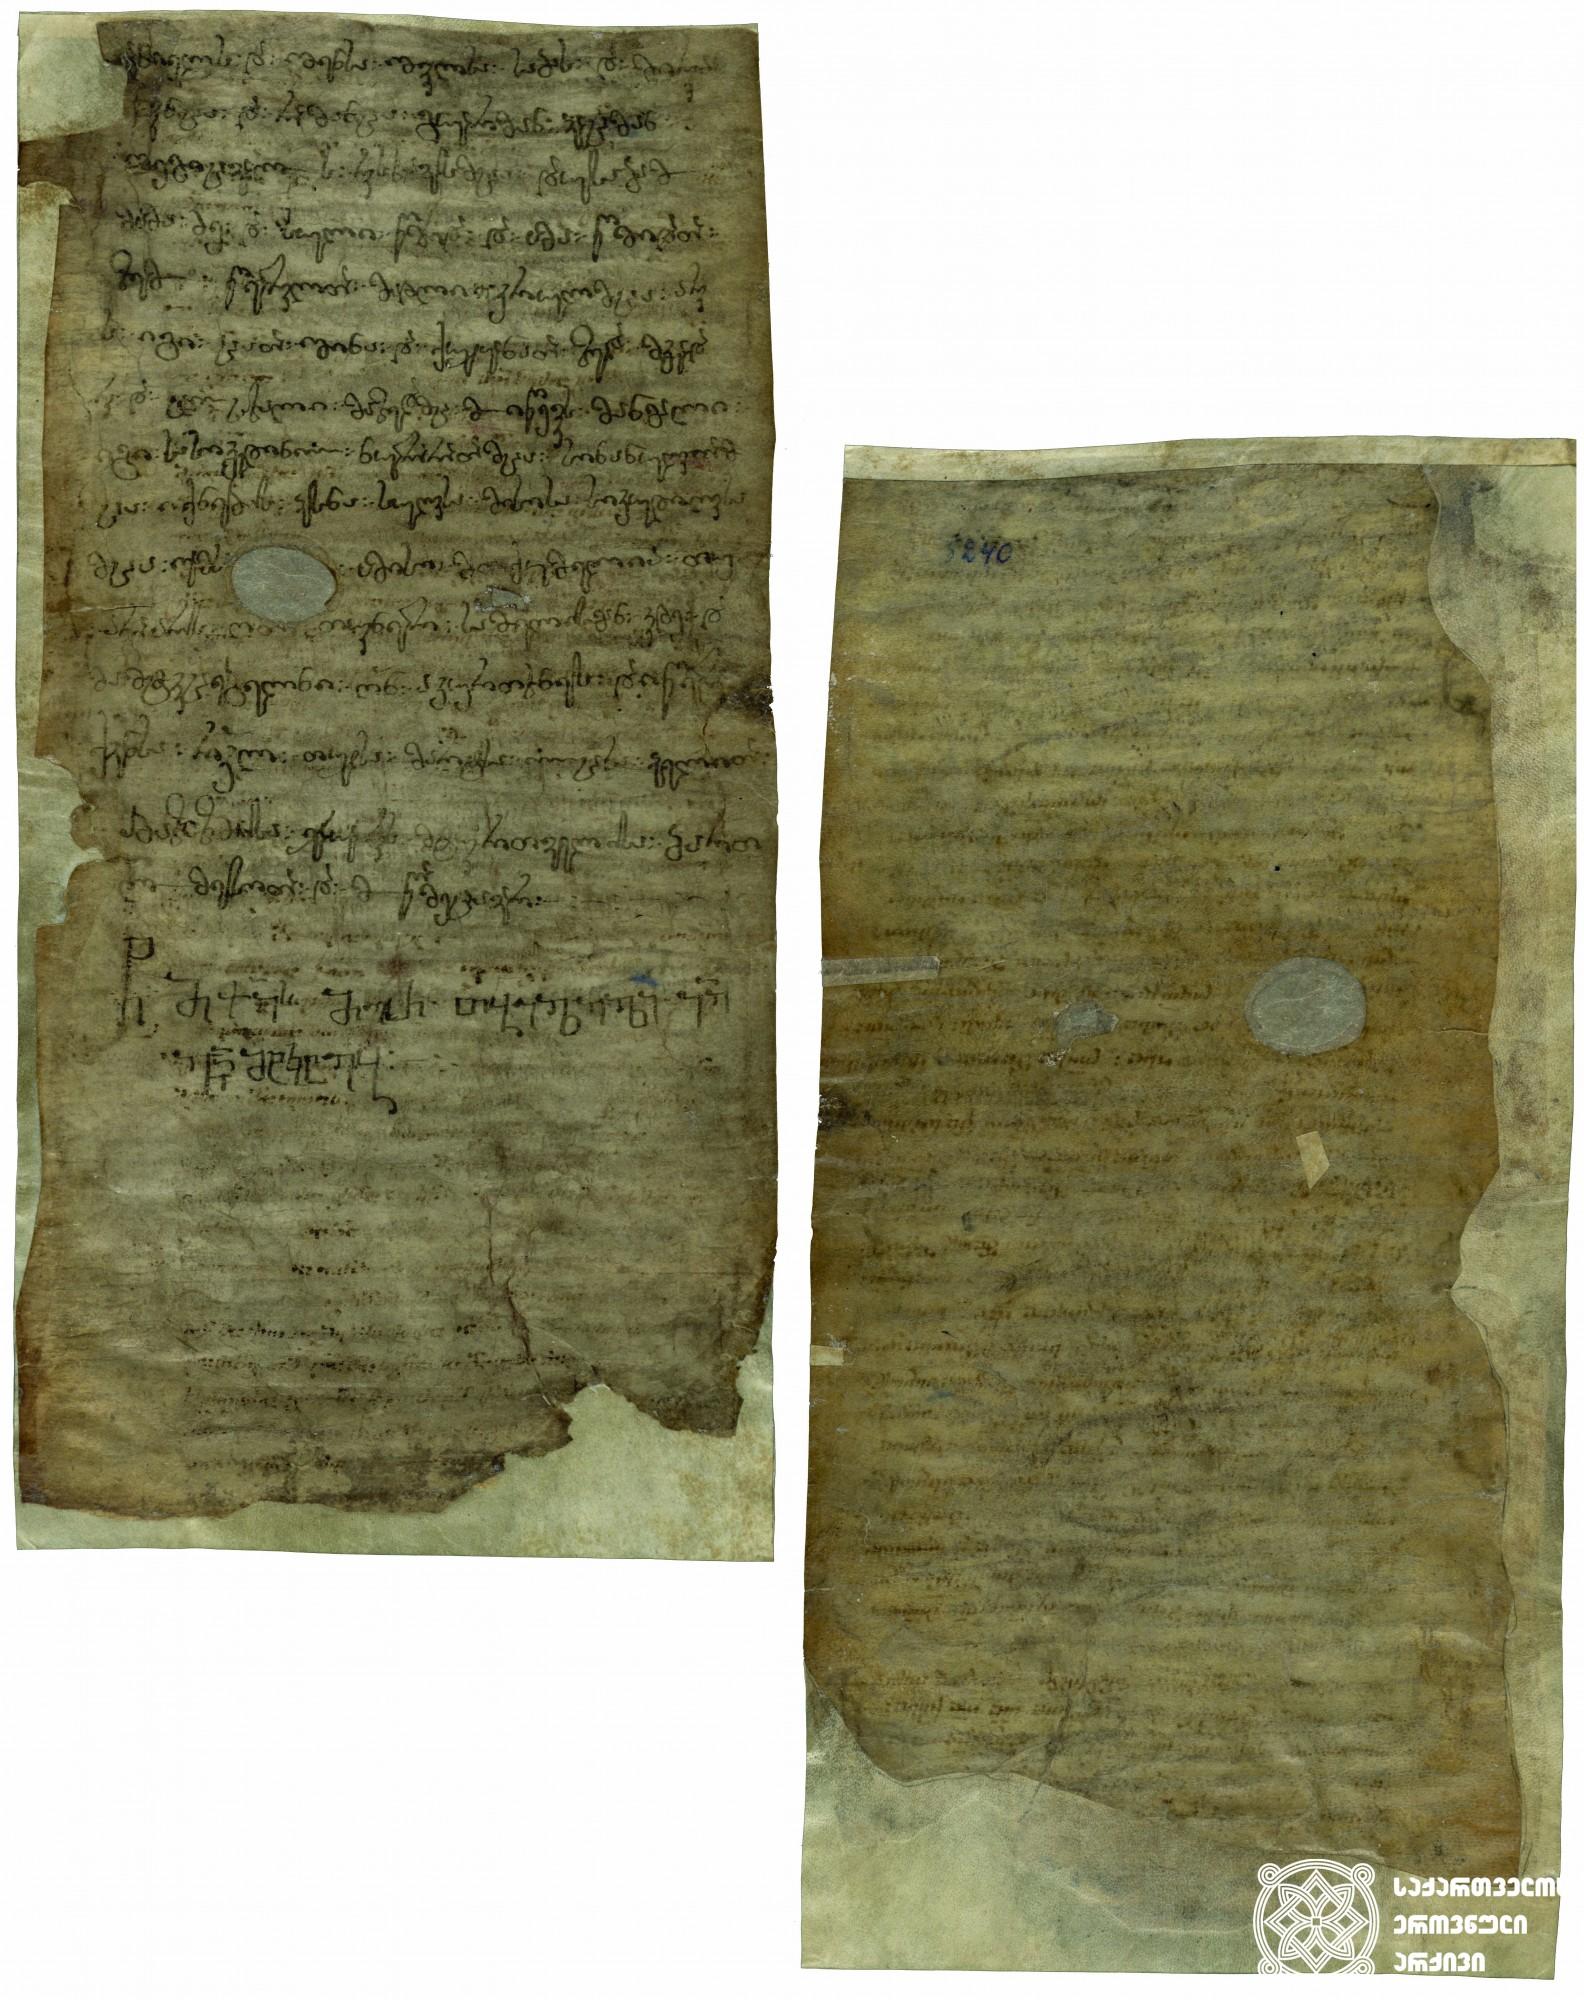 1440 წლის 20 მარტი. სავენახე მიწის წყალობის დაწერილი მანგლელ-თბილელი მთავარეპისკოპოს იოვანესი ქორეპისკოპოს დანიელ ნექისძისადმი <br> 20 March, 1440. Charter of donation a land for vineyard  to Chorepiscopus Daniel Nekisdze from Iovane, Archbishop of Manglisi and Tbilisi.